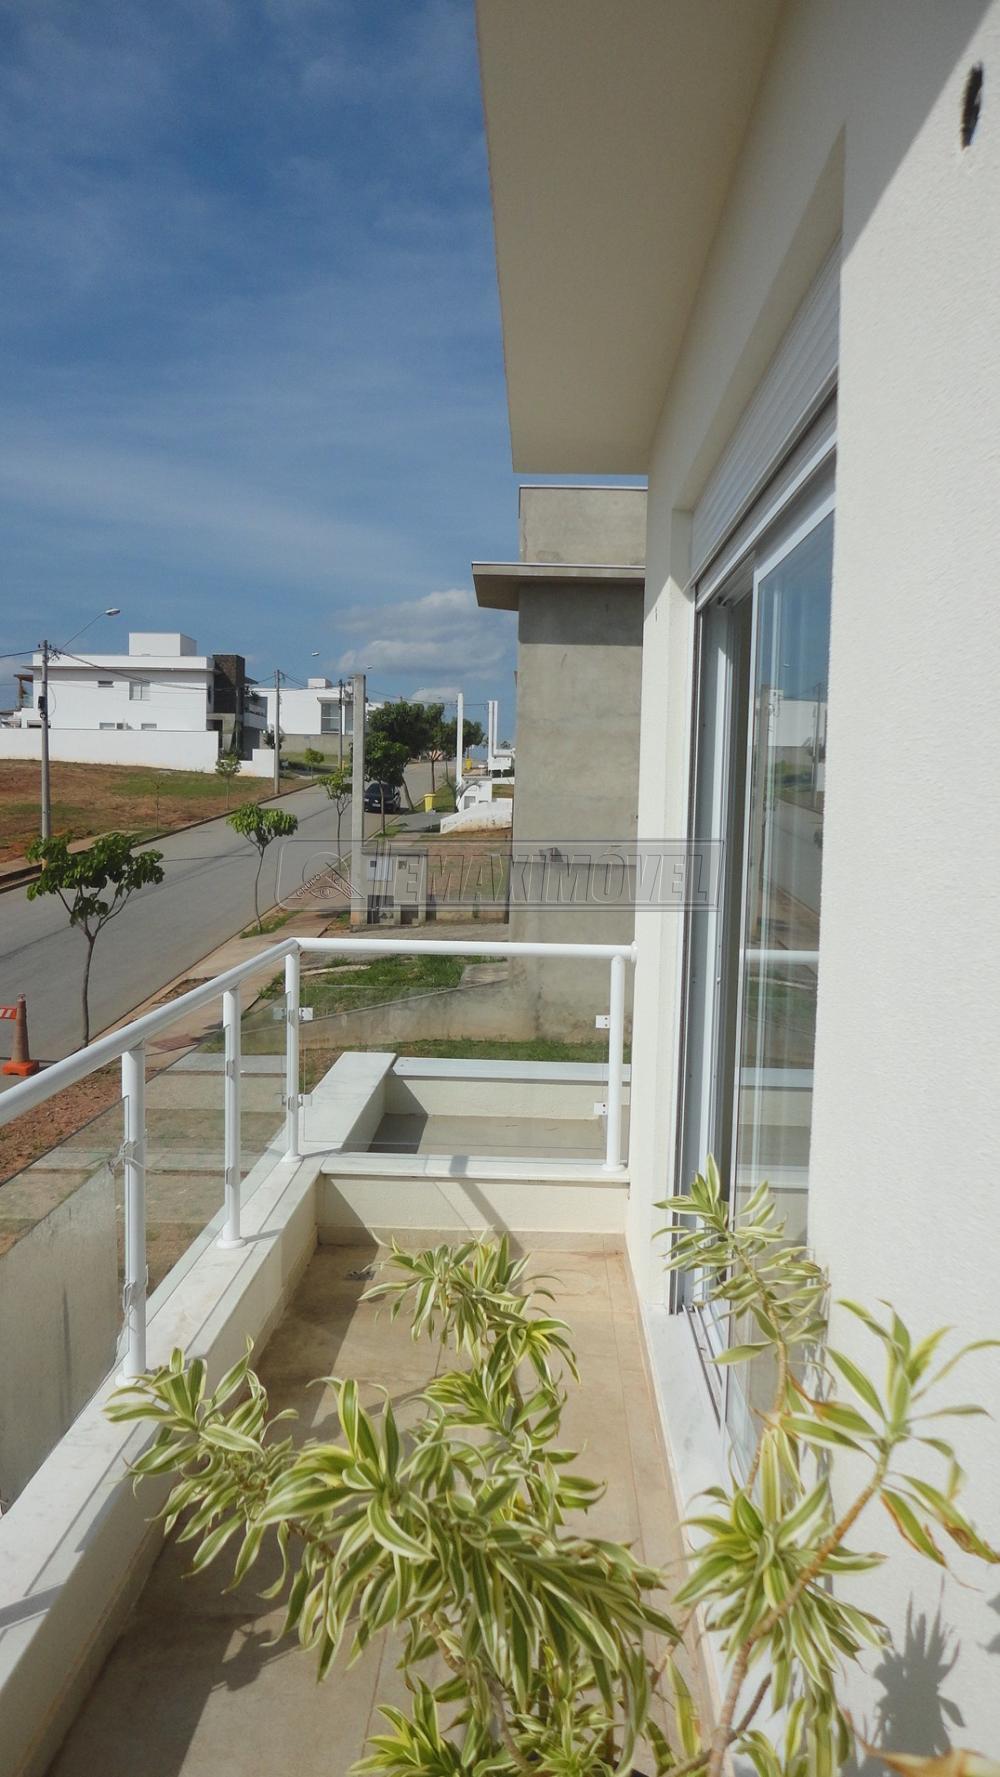 Comprar Casas / em Condomínios em Sorocaba R$ 1.350.000,00 - Foto 18